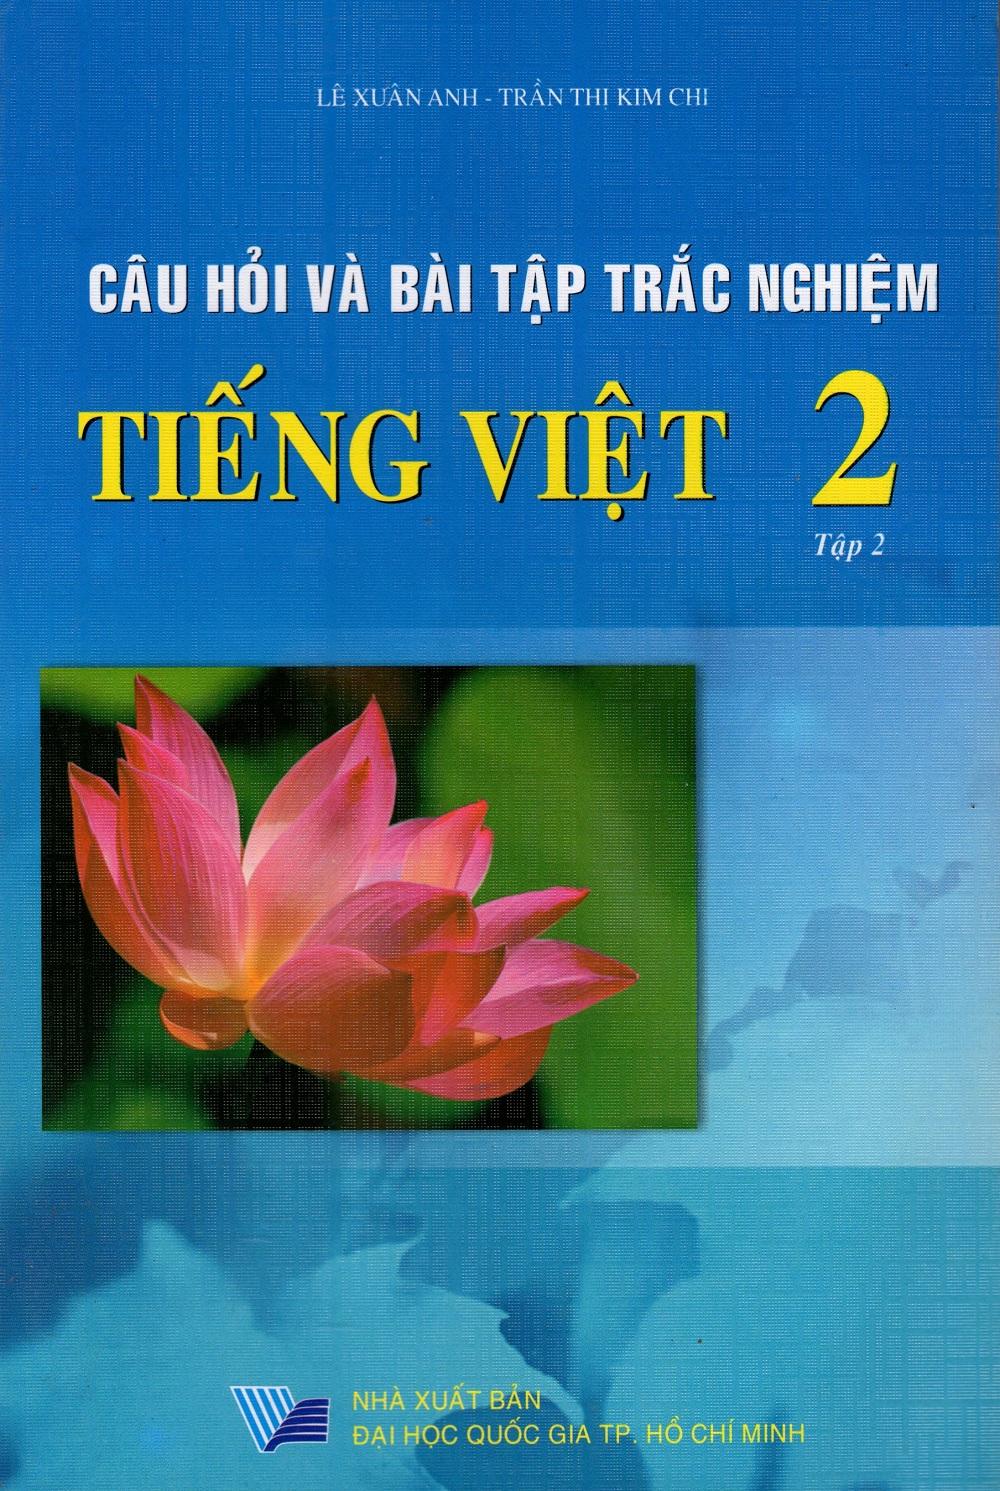 Bìa sách Câu Hỏi Và Bài Tập Trắc Nghiệm Tiếng Việt Lớp 2 (Tập 2)